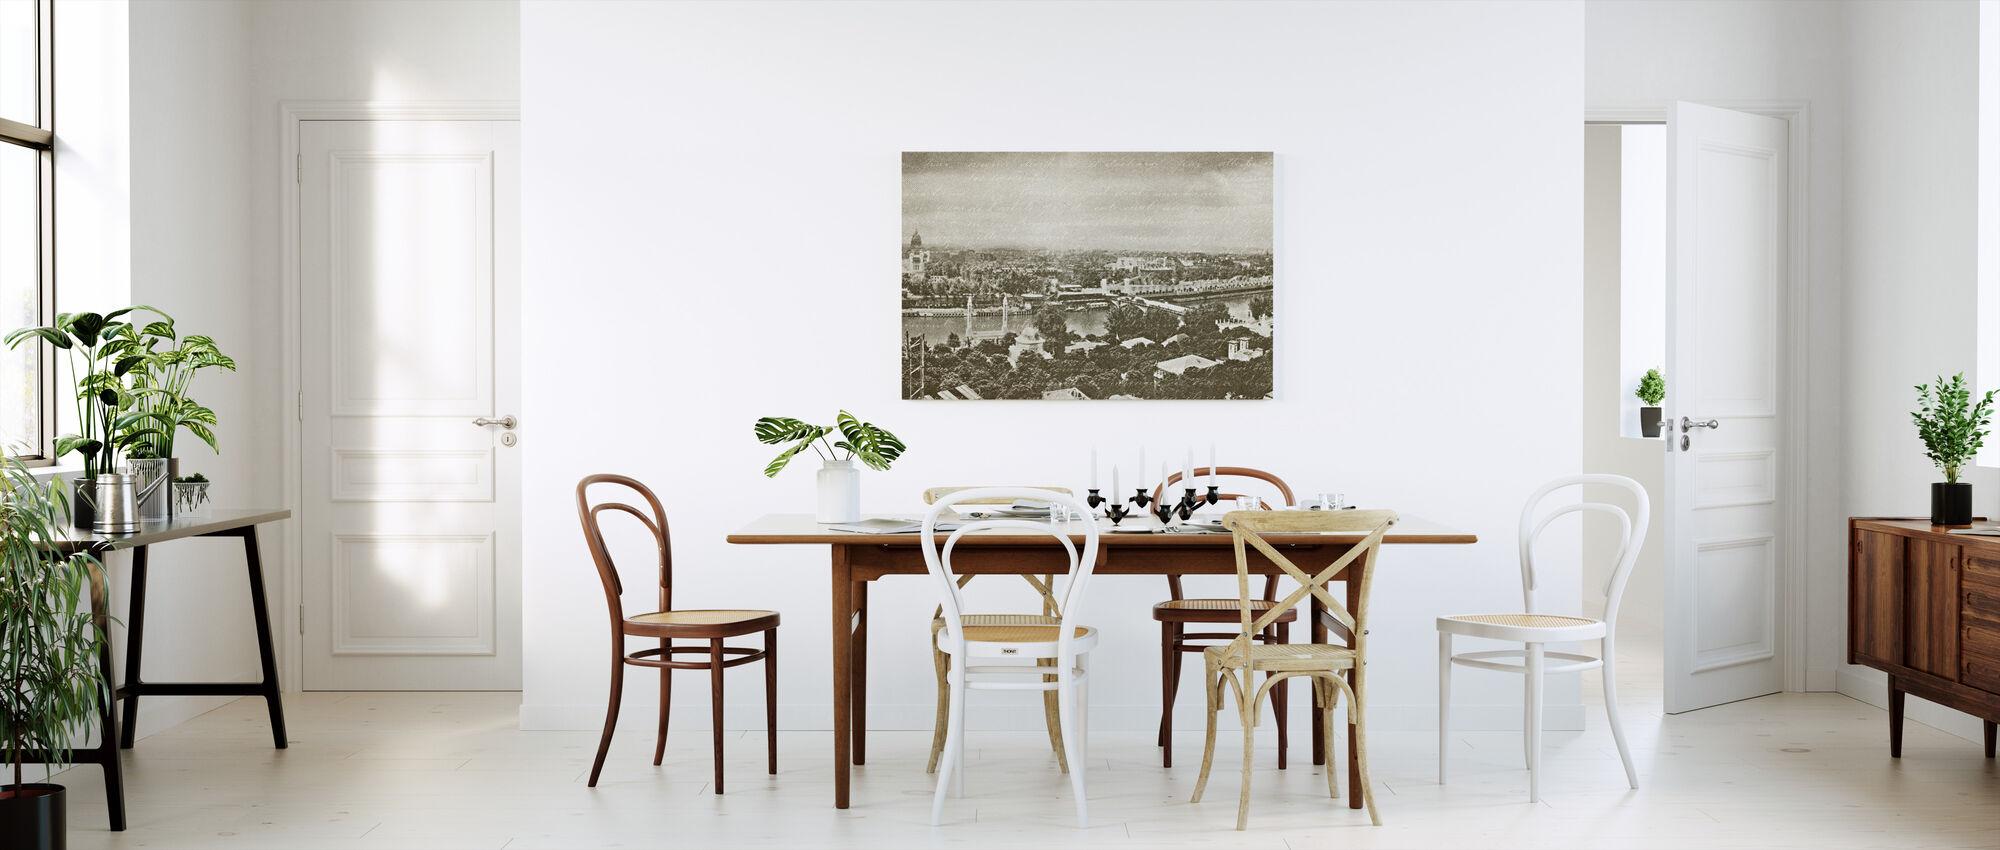 Pariisin Panorama - Canvastaulu - Keittiö